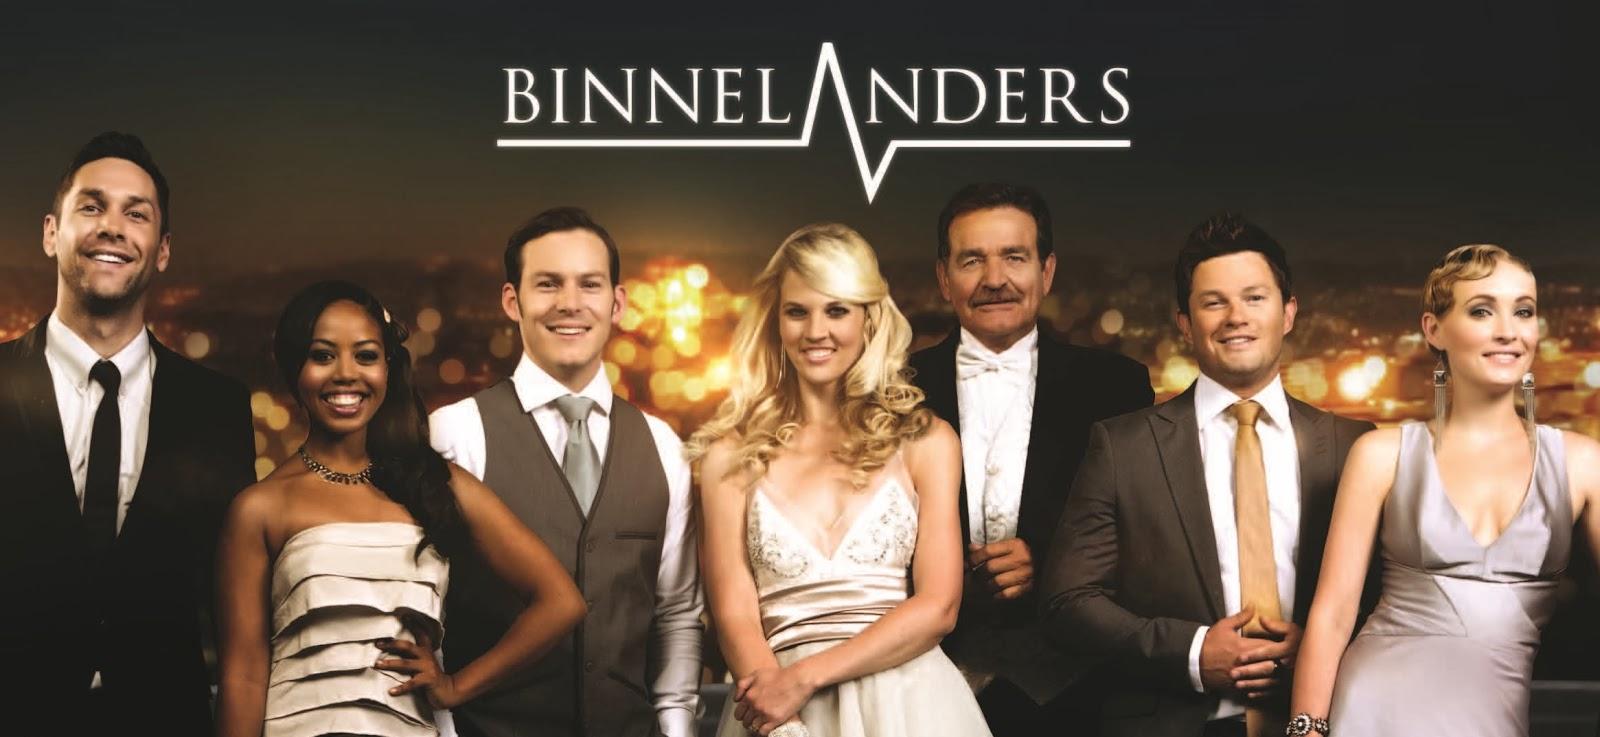 Binnelanders Teasers 3 - 7 December 2018